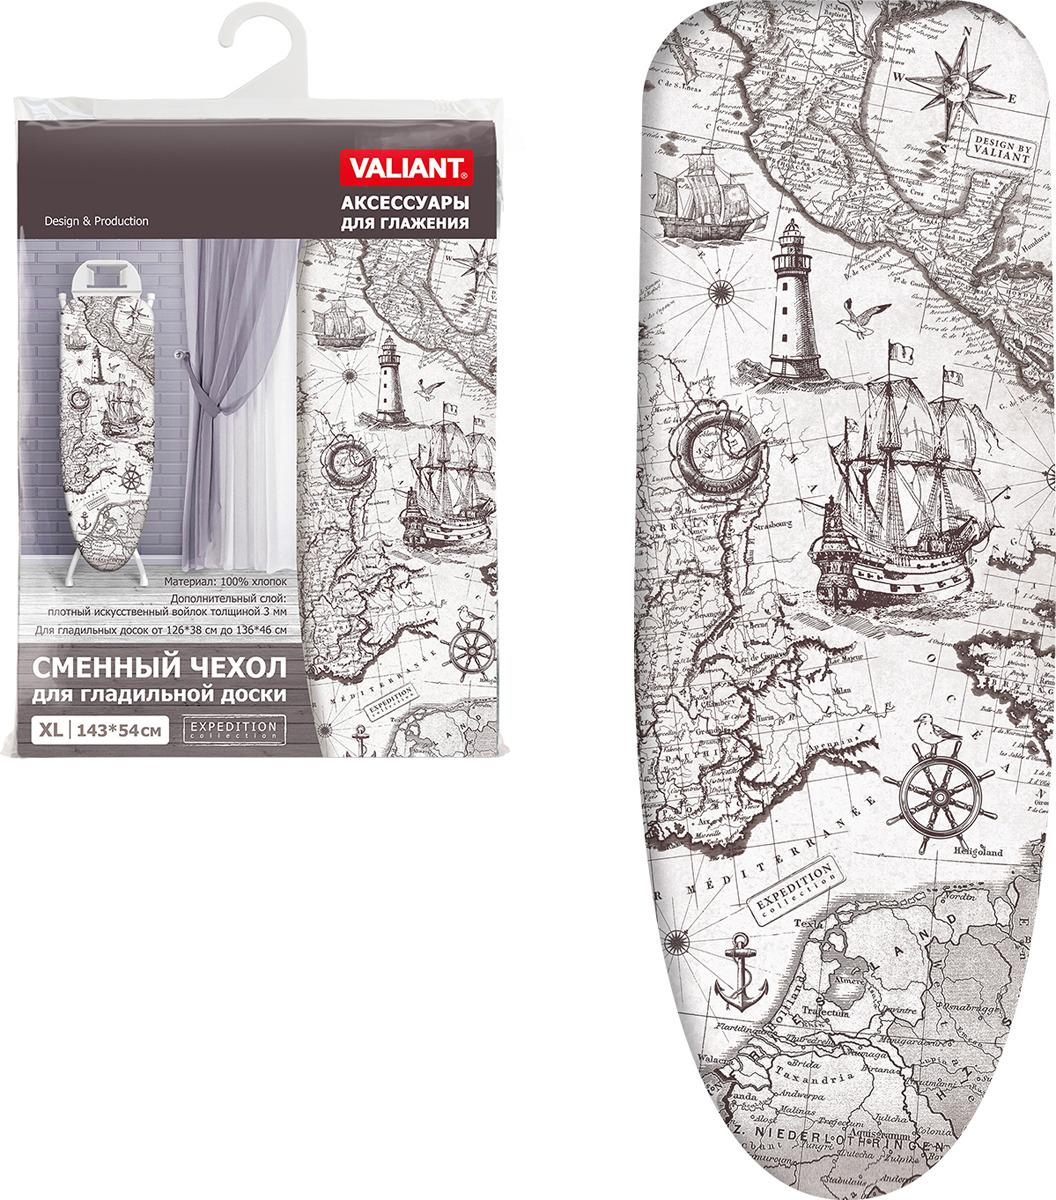 Чехол для гладильной доски Valiant Expedition, цвет: светло-серый, 143 х 54 см чехол для гладильной доски eva узоры цвет розовый белый 120 х 38 см